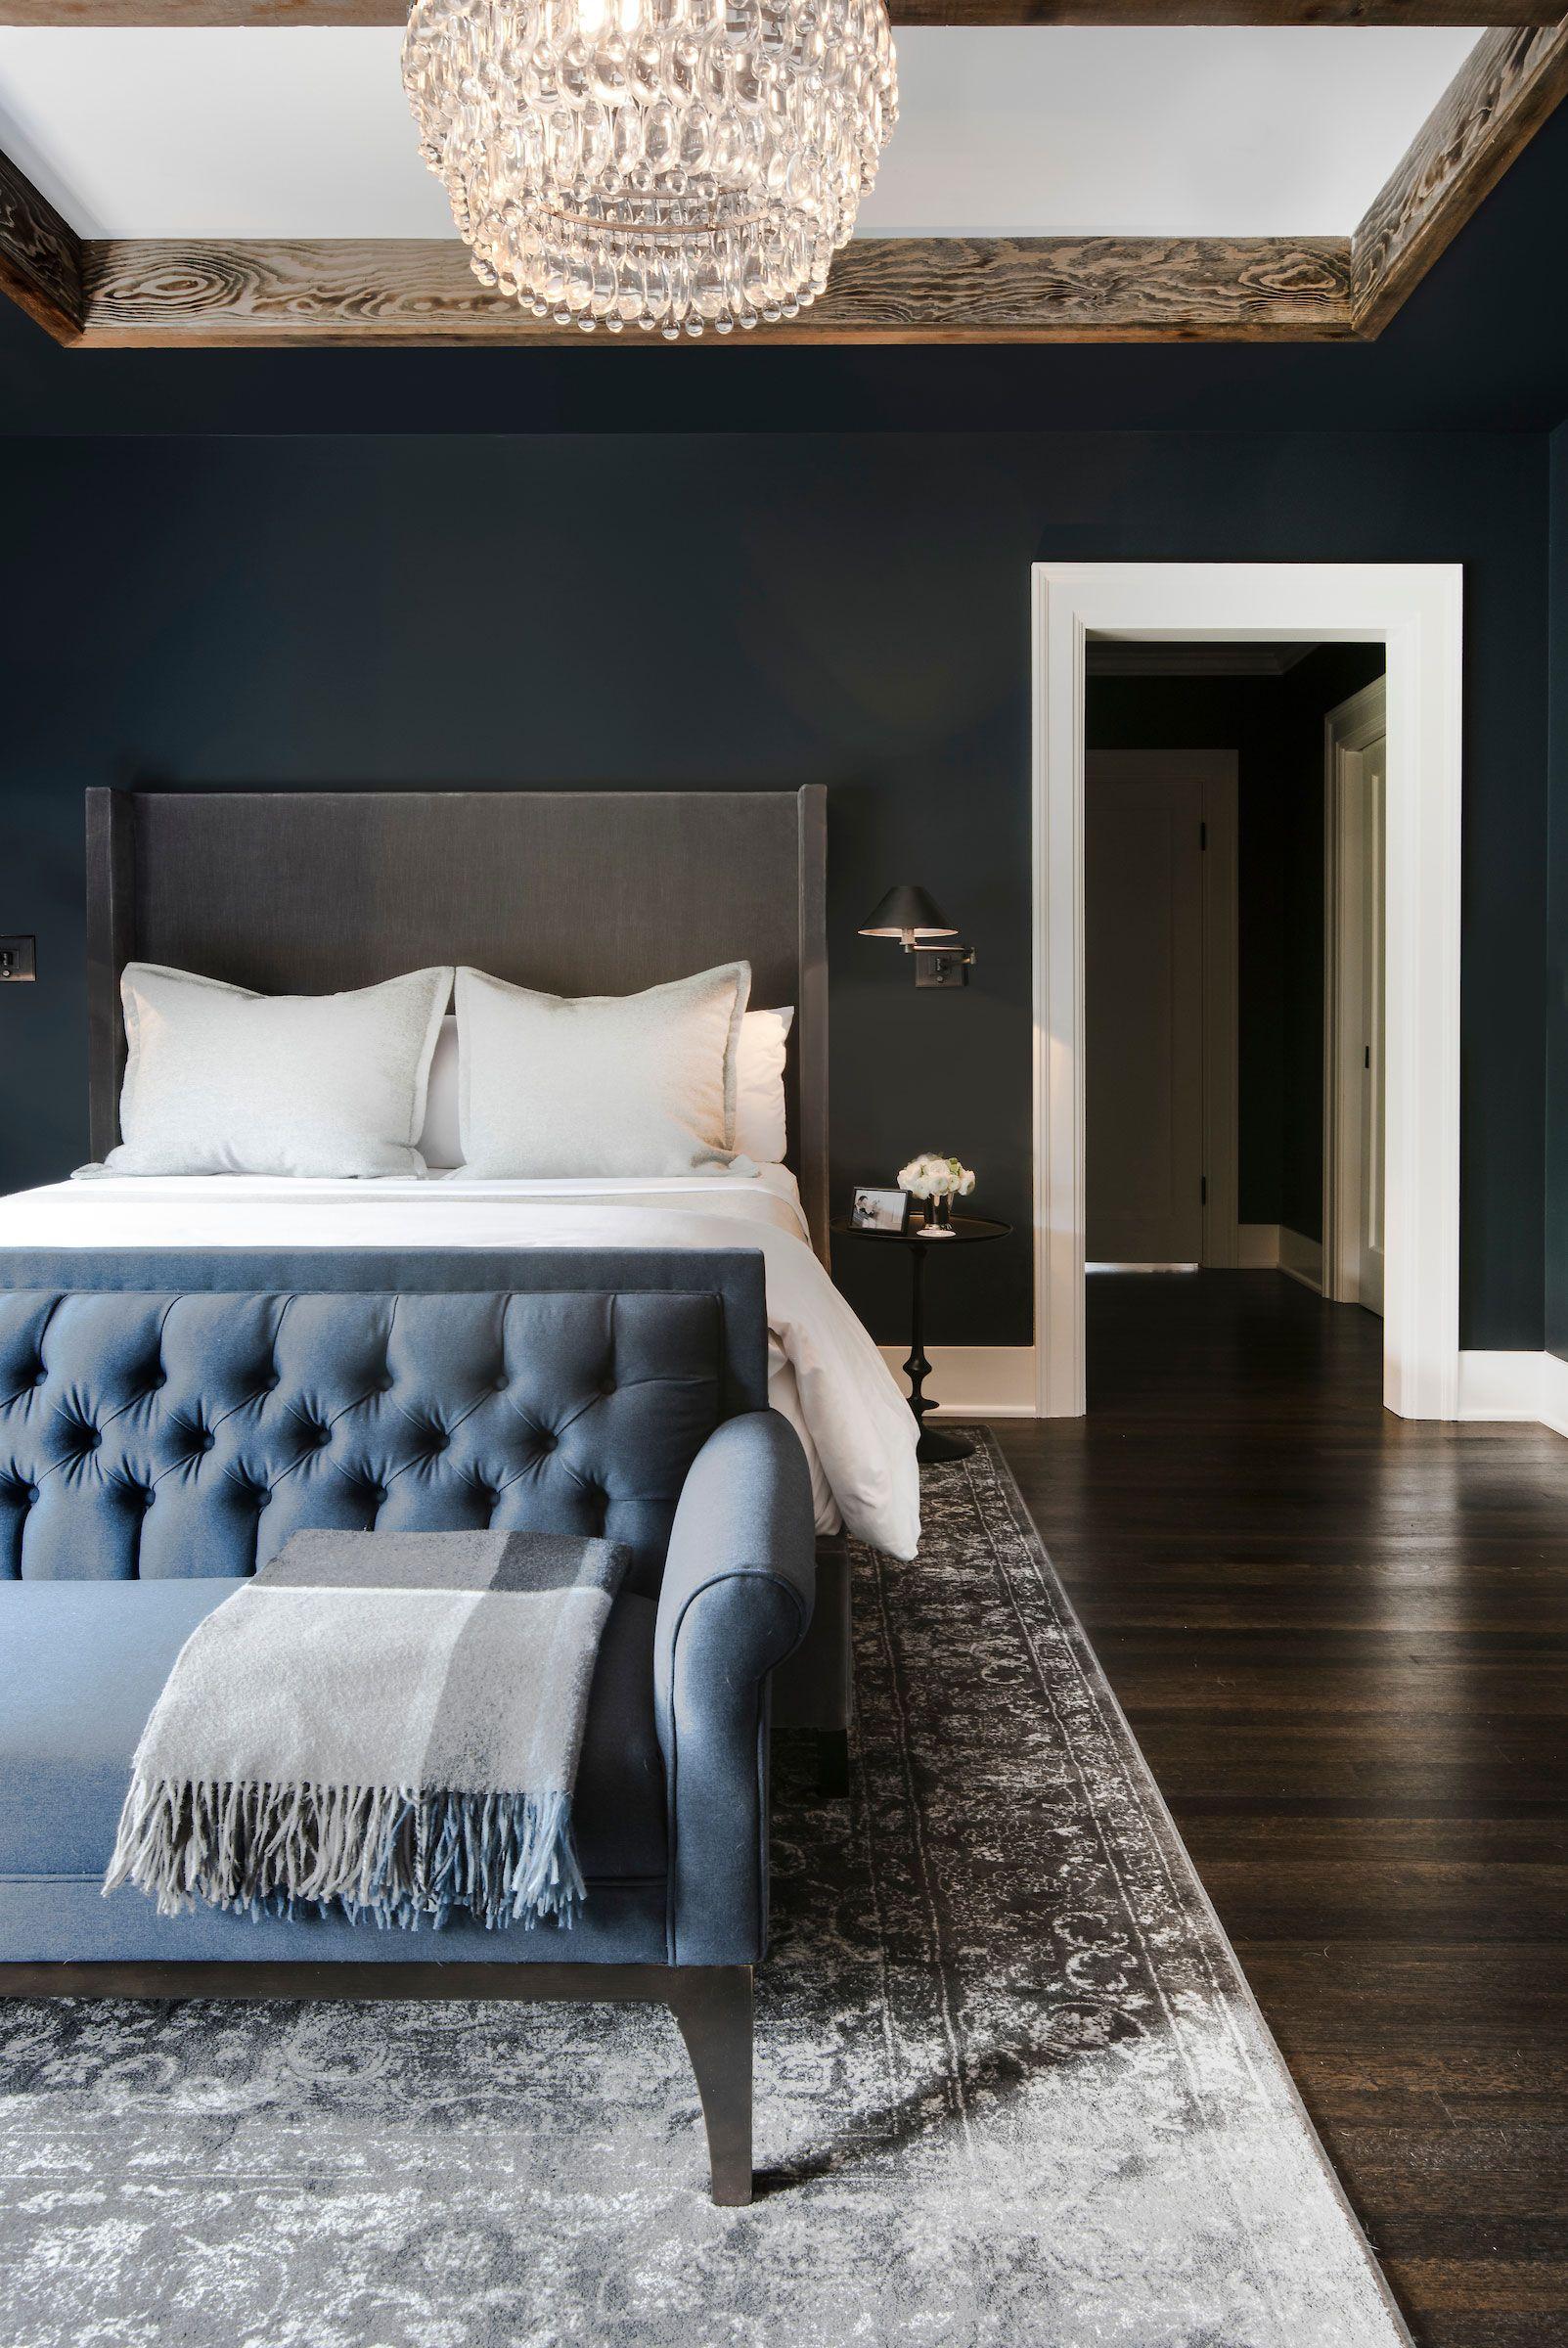 Kl interior design washington dark bedroom also best designers in my first home rh pinterest